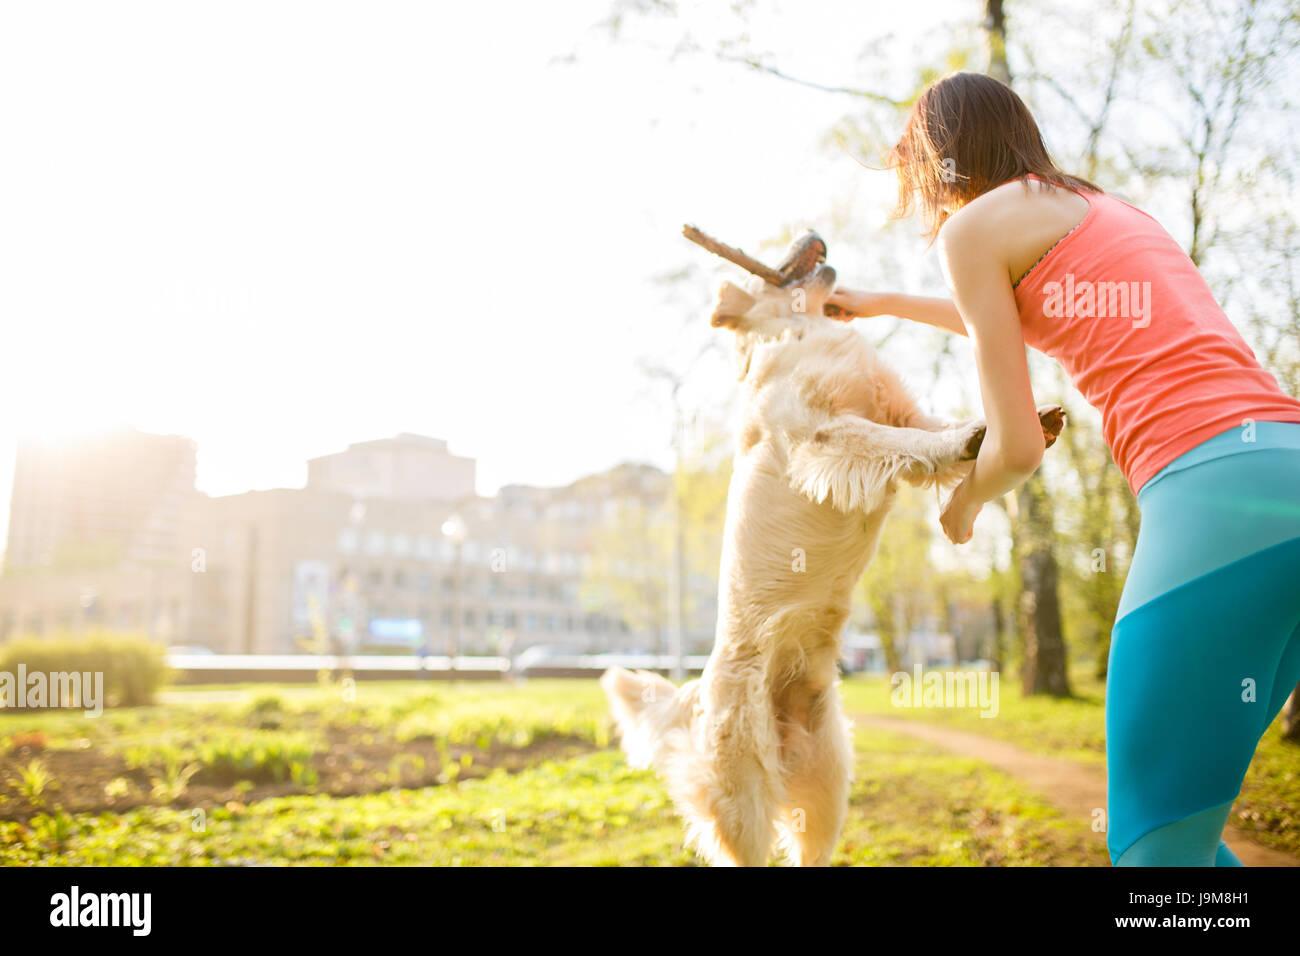 Morena ,labrador jugando con bastón Imagen De Stock